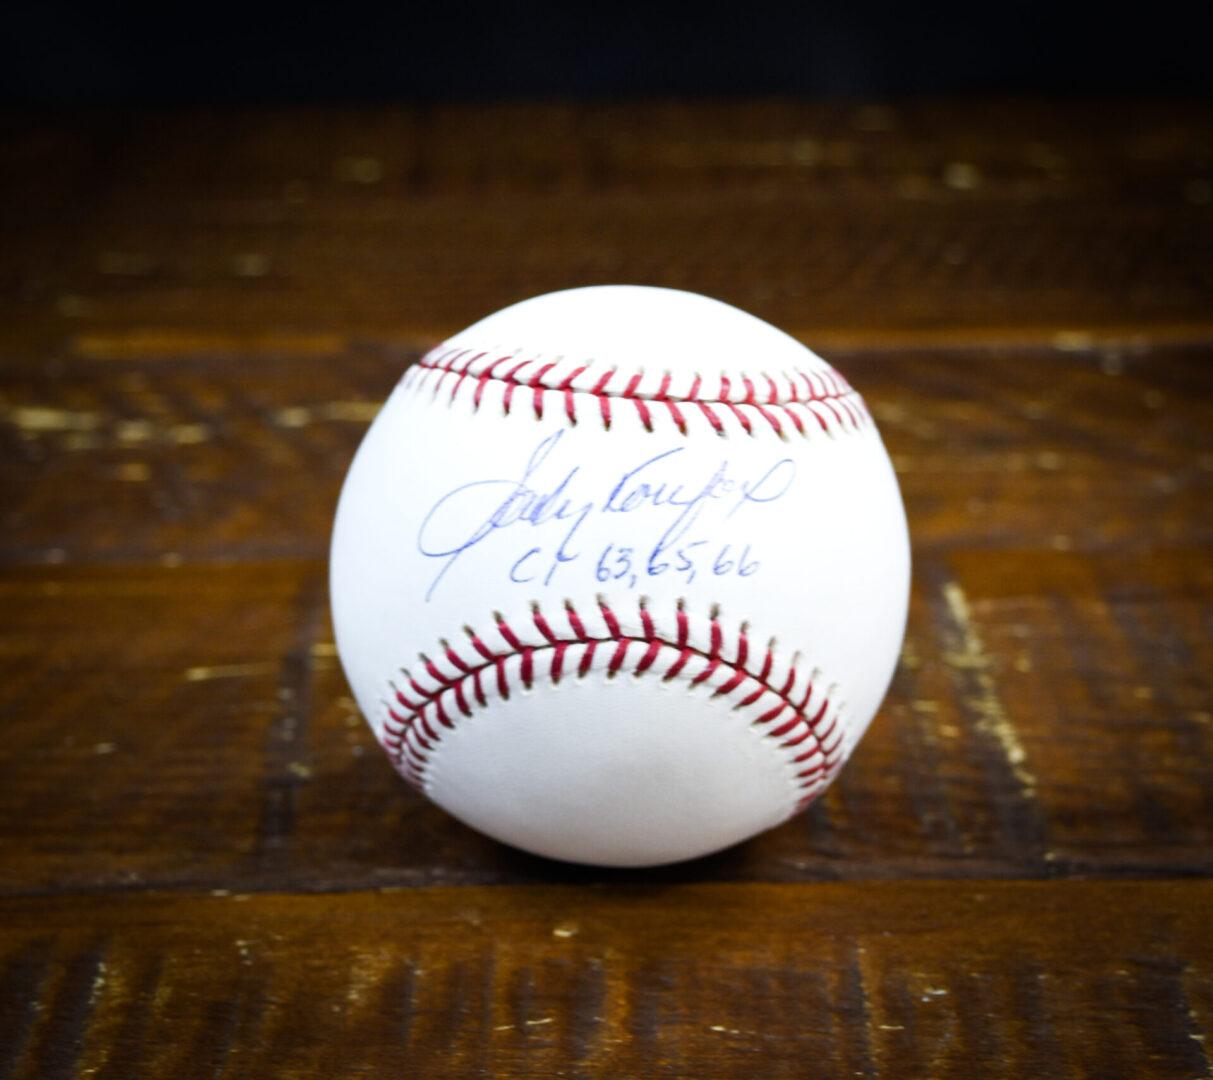 koufax ball